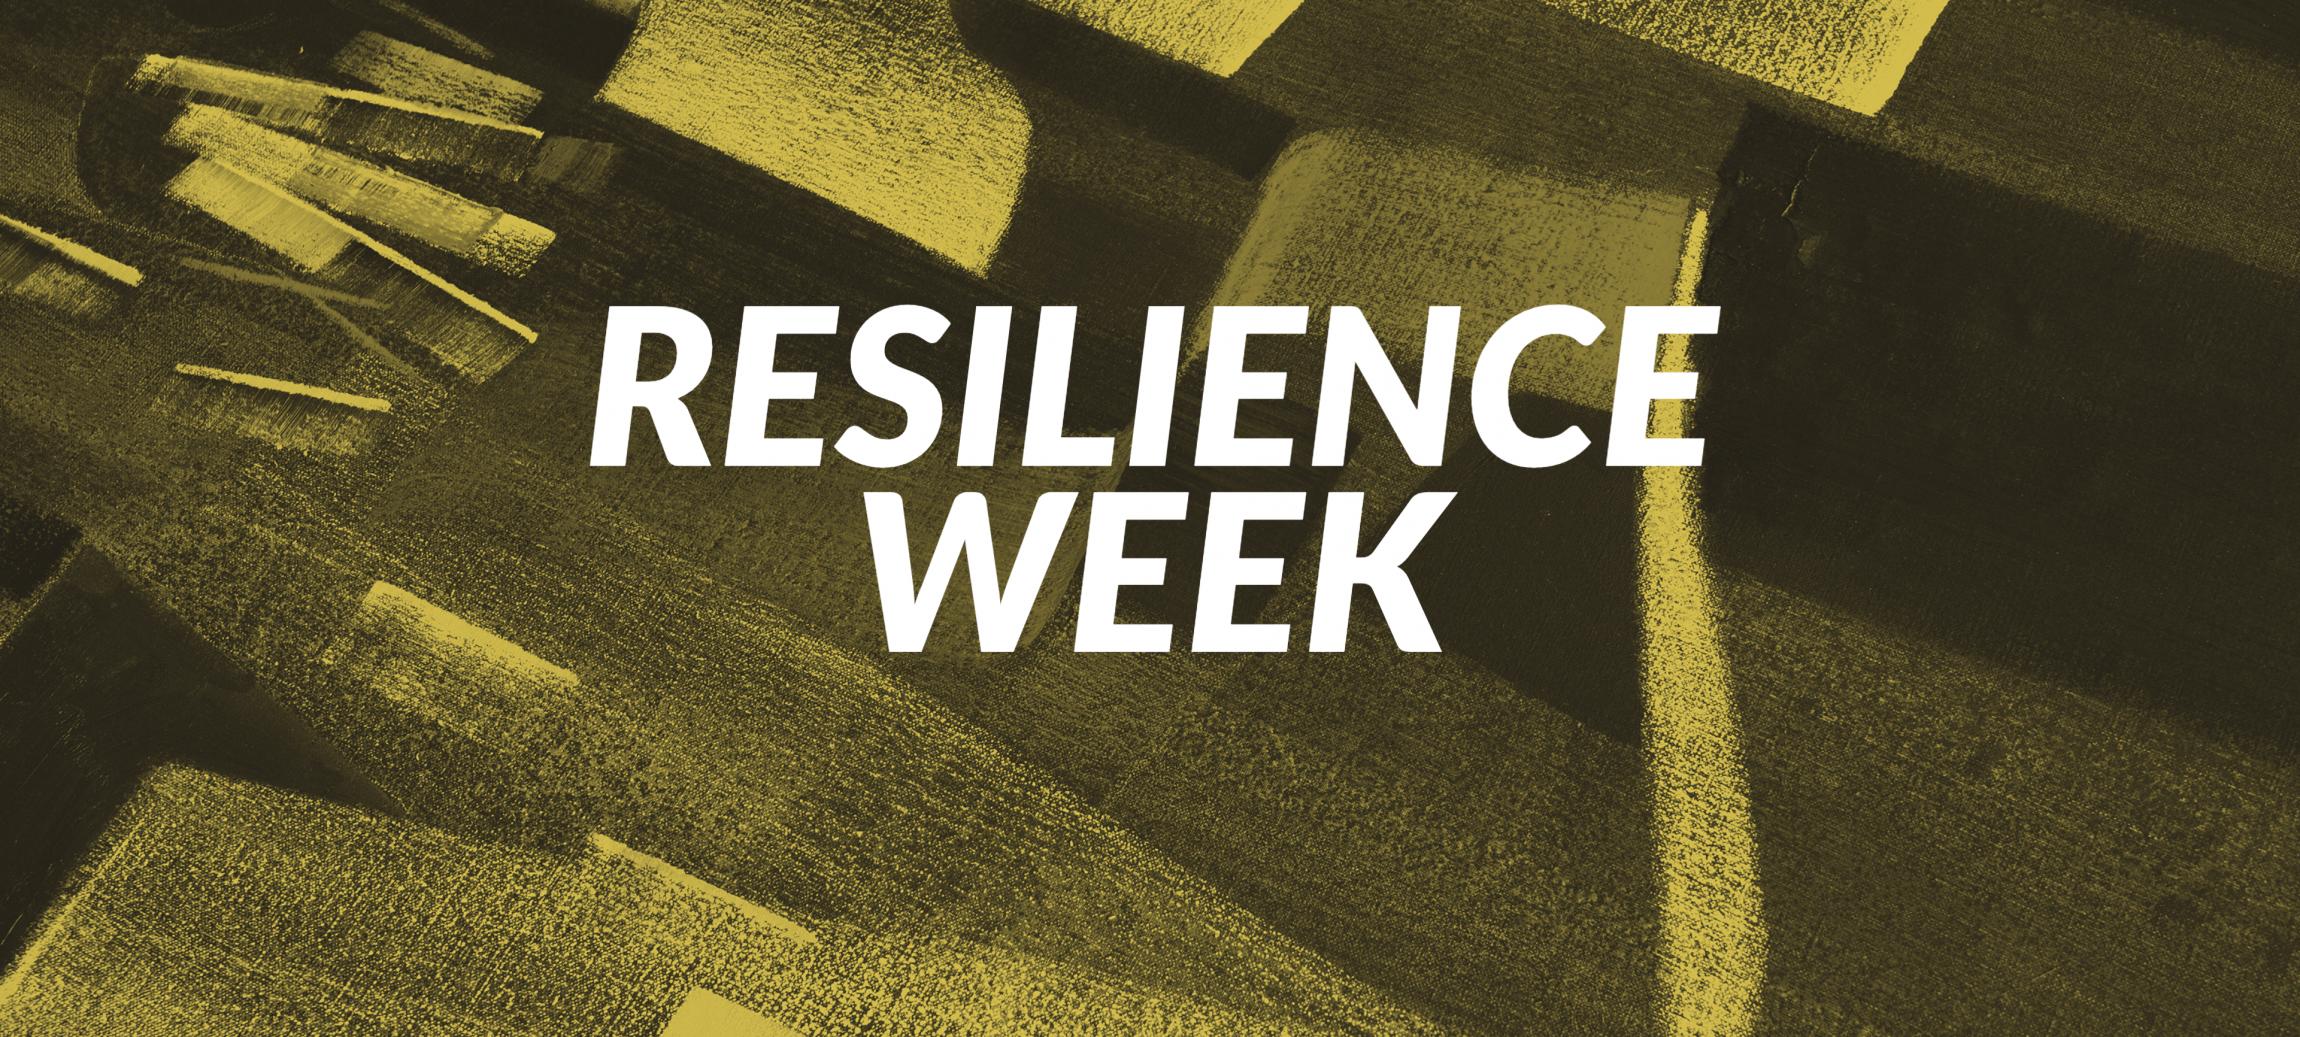 Resilience Week image